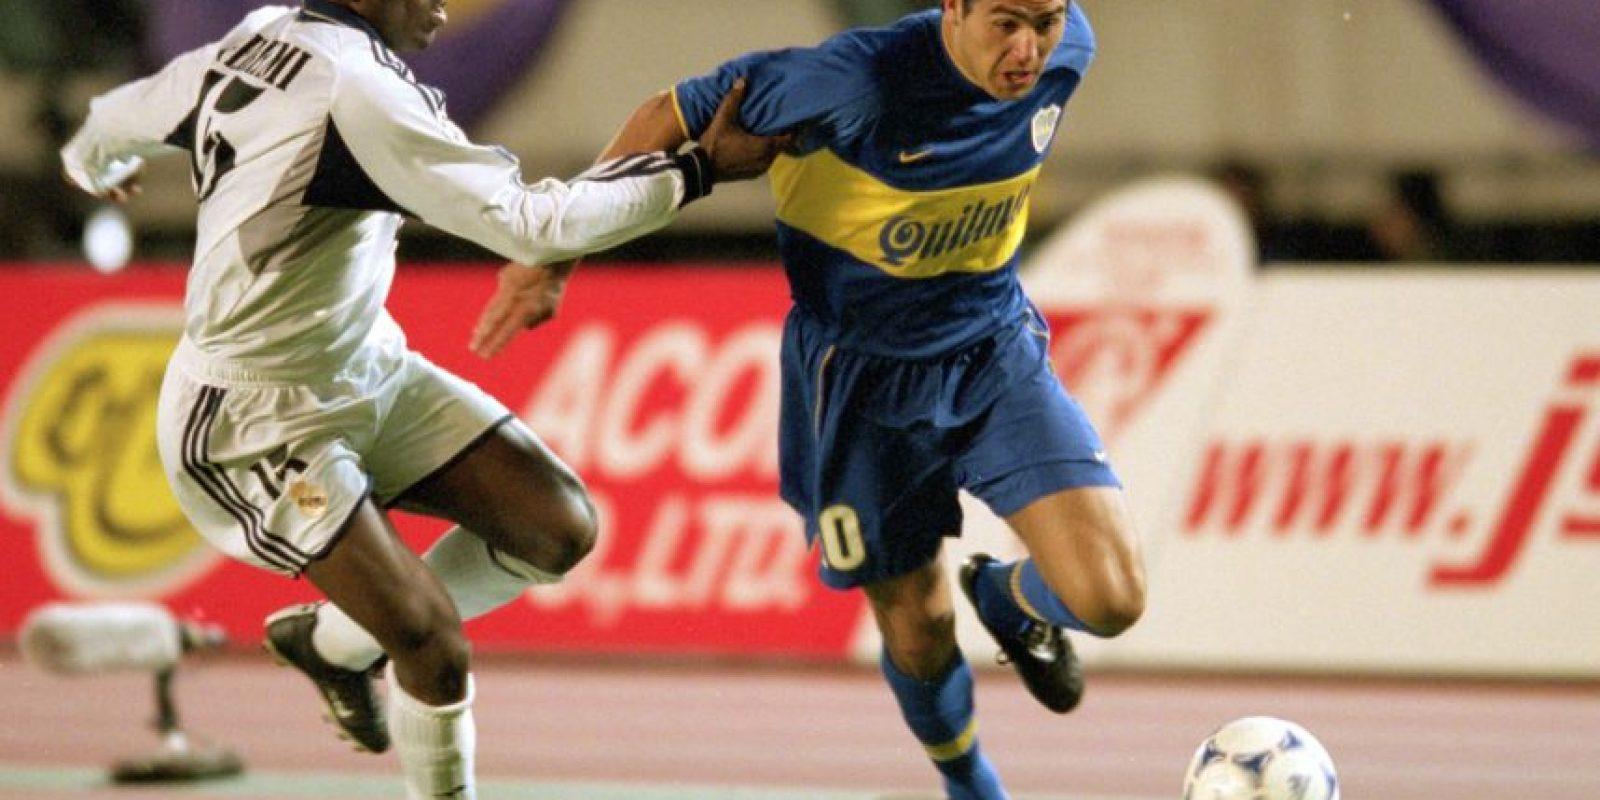 En un partido entre Boca Juniors y Banfield de la liga de Argentina, Juan Román Riquelme fue provocado por Fabián Santa Cruz. En una jugada, el mediocampista dejó de luchar por el balón y se detuvo para darle un golpe a Santa Cruz y recibió una tarjeta roja directa. La repetición de la televisión mostraría que el defensa se la pasó molestando a Riquelme metiéndole el dedo en el trasero. Foto:Getty Images